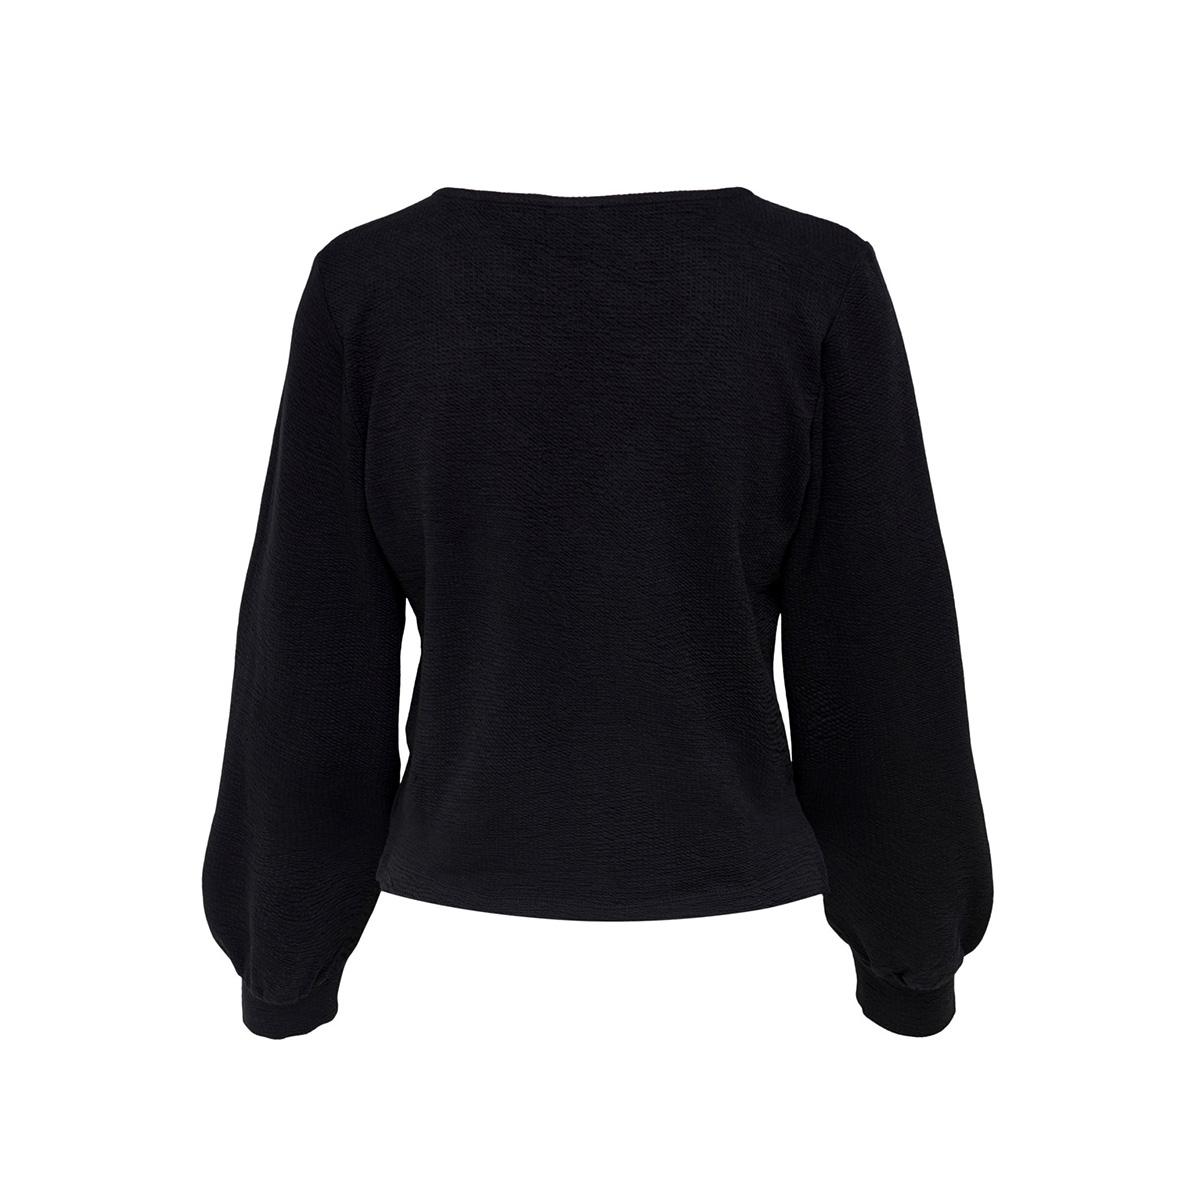 jdyoslo l/s top jrs 15197767 jacqueline de yong t-shirt black